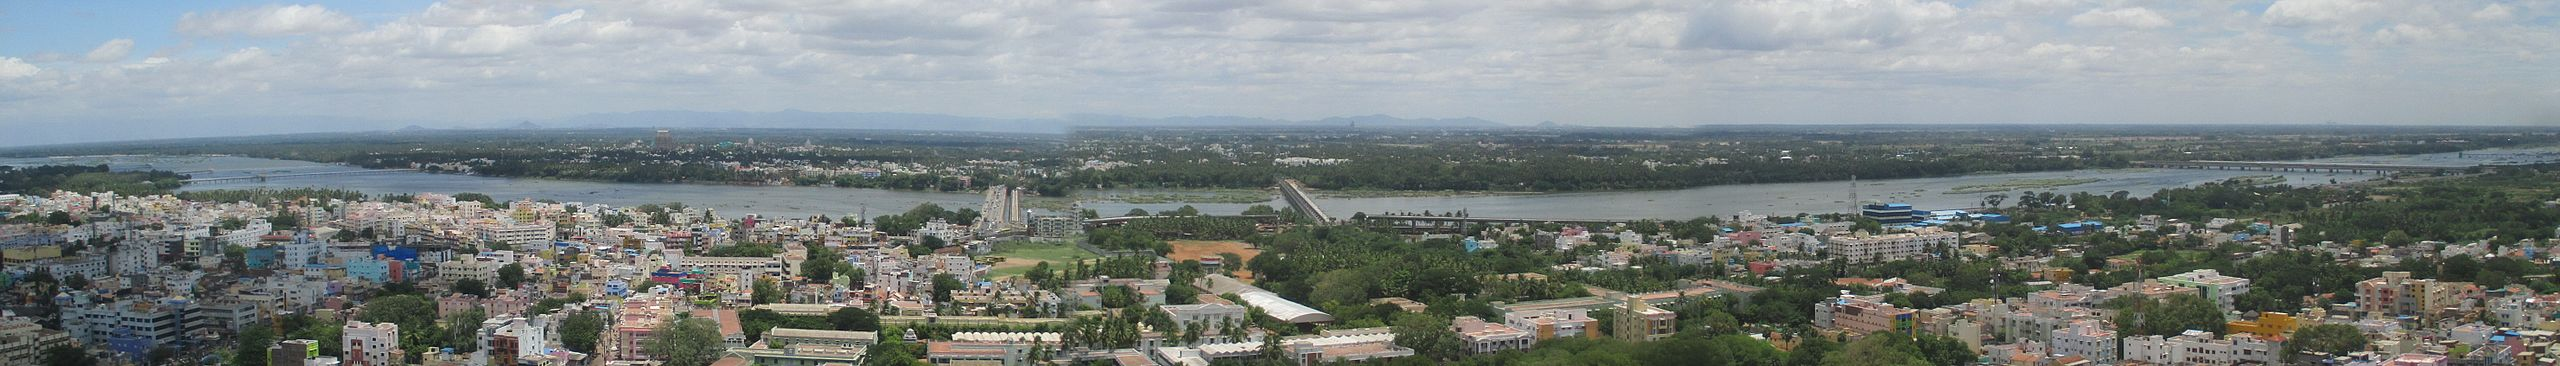 Tiruchirappalli – Travel guide at Wikivoyage